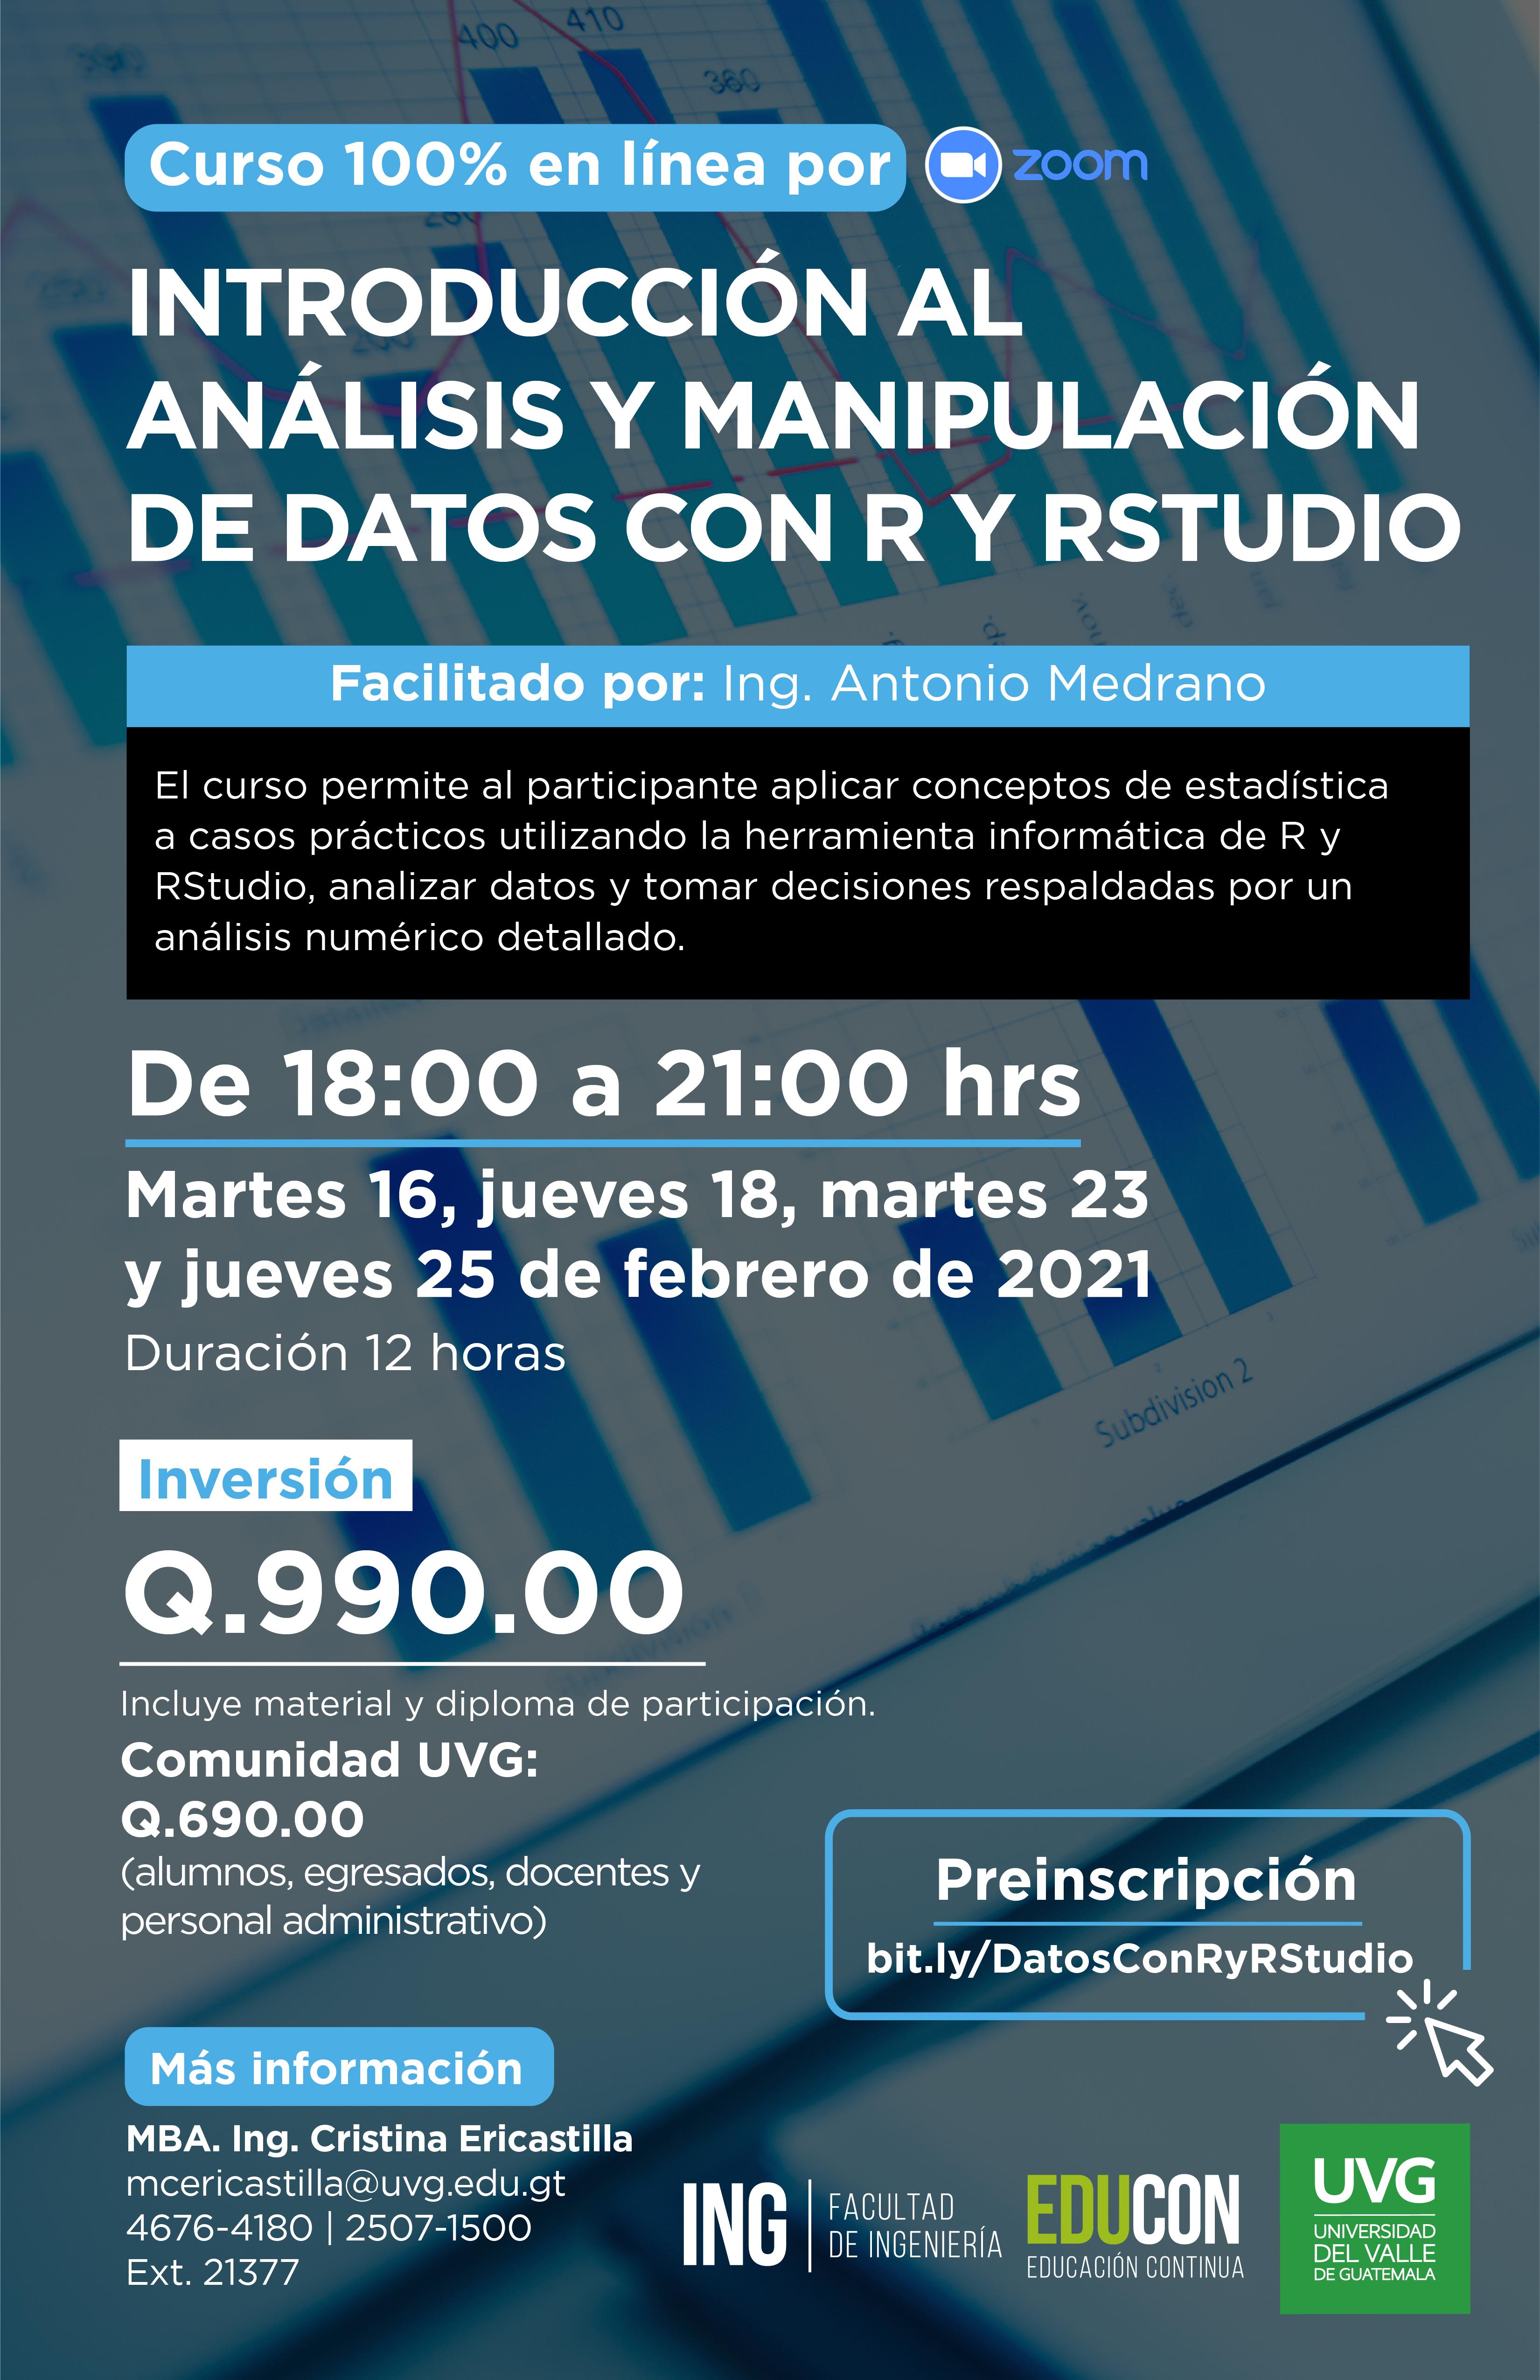 INTRODUCCIÓN AL ANÁLISIS Y MANIPULACIÓN DE DATOS CON R Y RSTUDIO